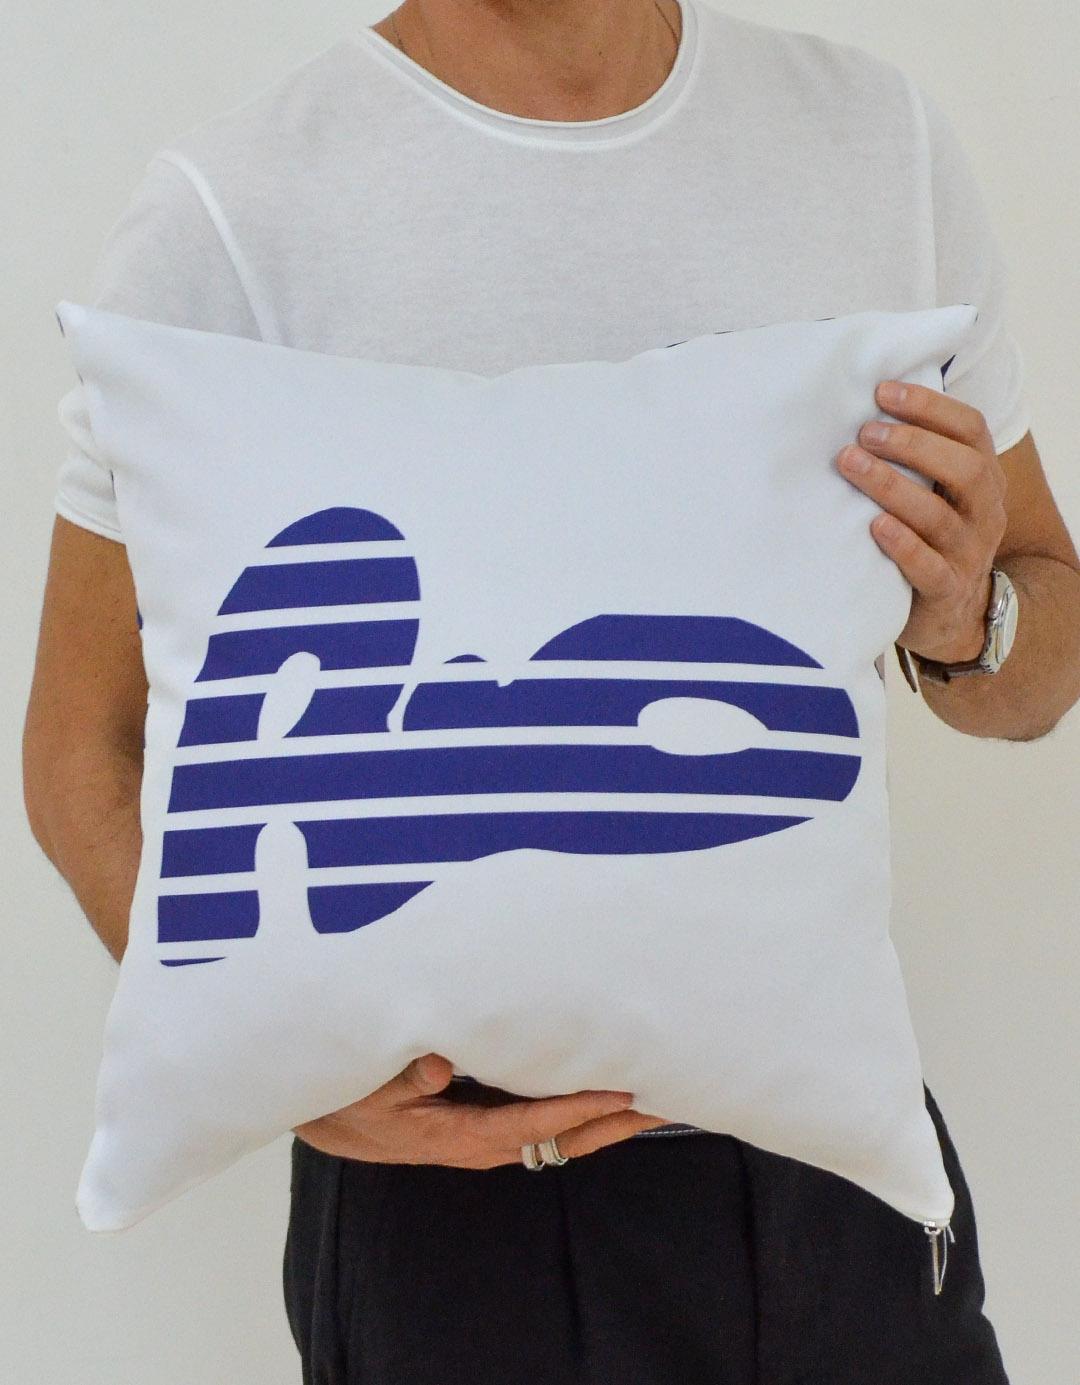 Capa de Almofada Dupla Face Assinada Gilson Home - Navy Rio